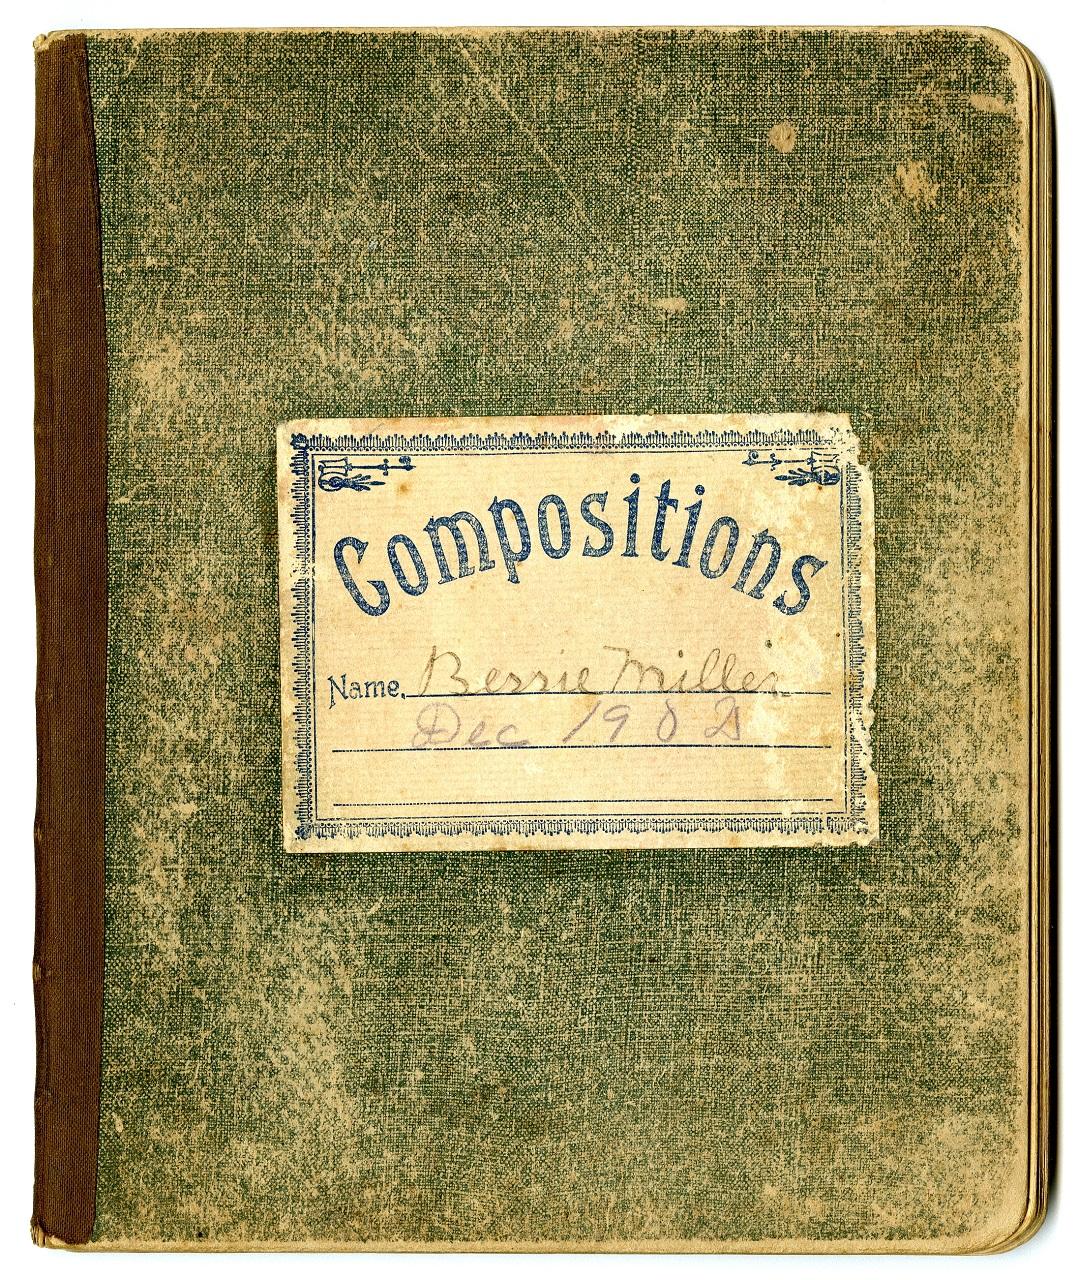 Bessie Miller's Sad Summer Composition